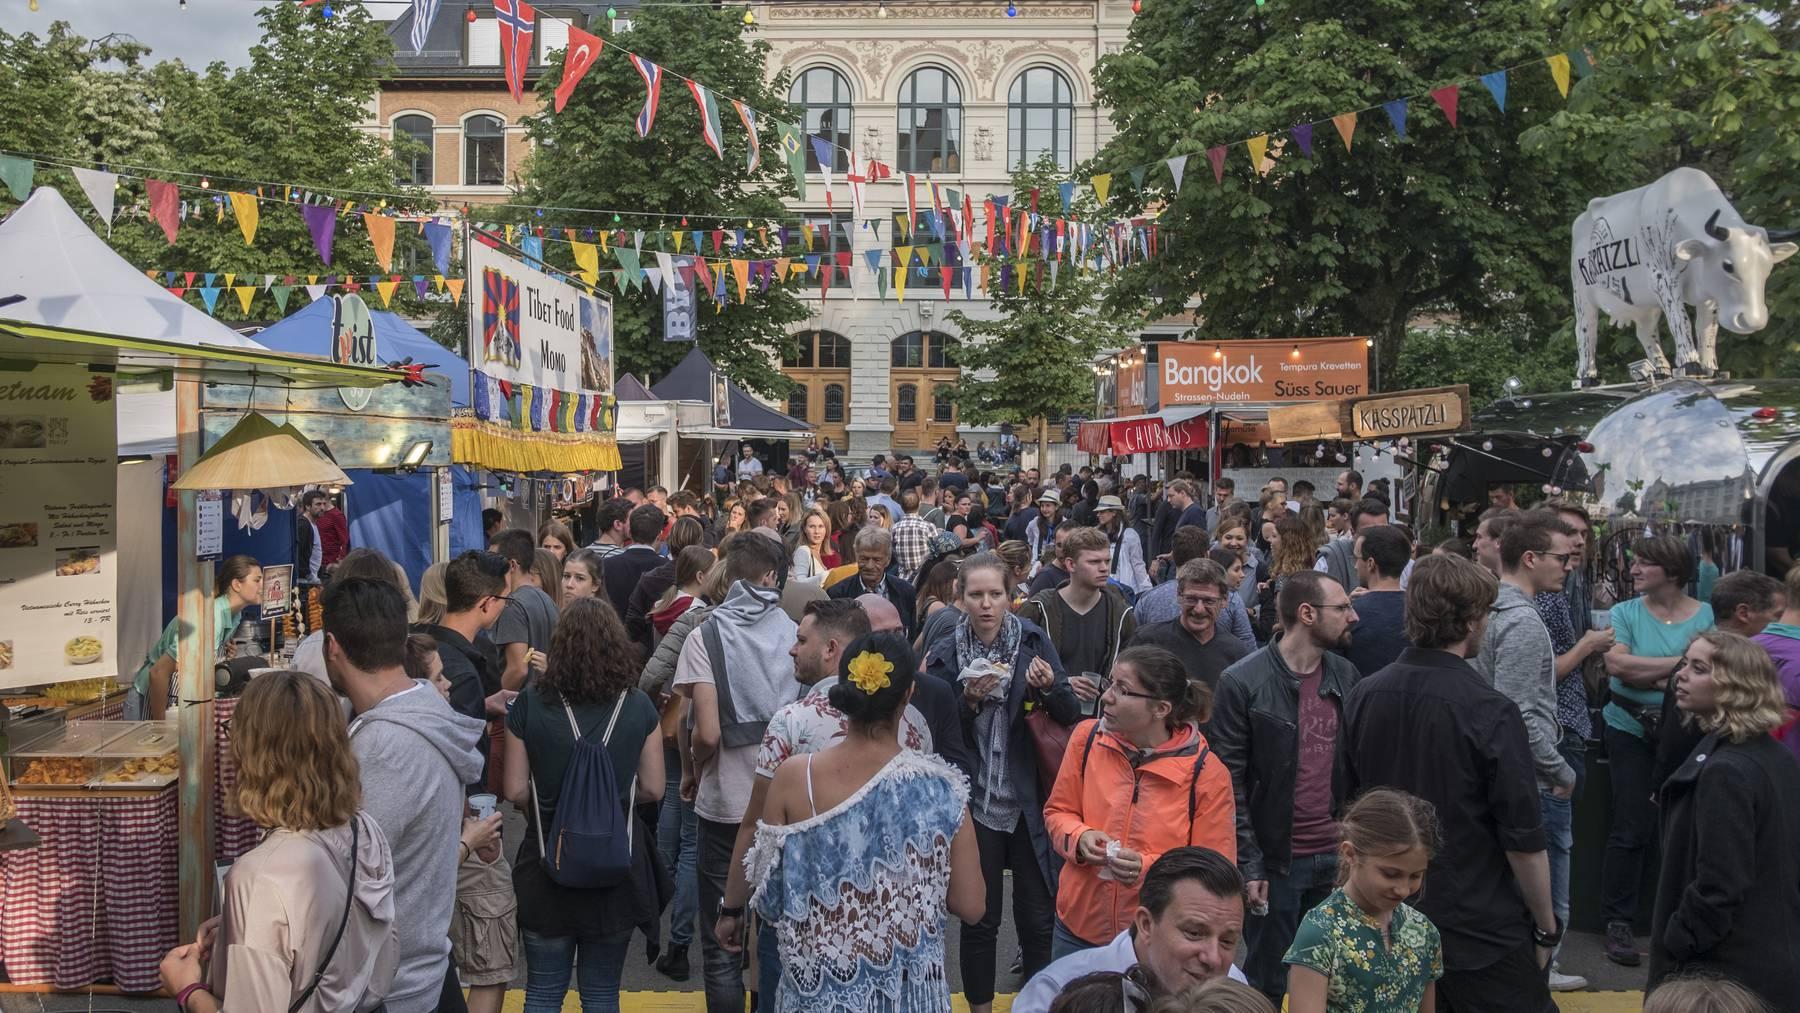 Vom 9. - 11. Juli findet in St.Gallen wieder das Streetfood-Festival statt. (Bild: Streetfood-Festival St.Gallen 2019)